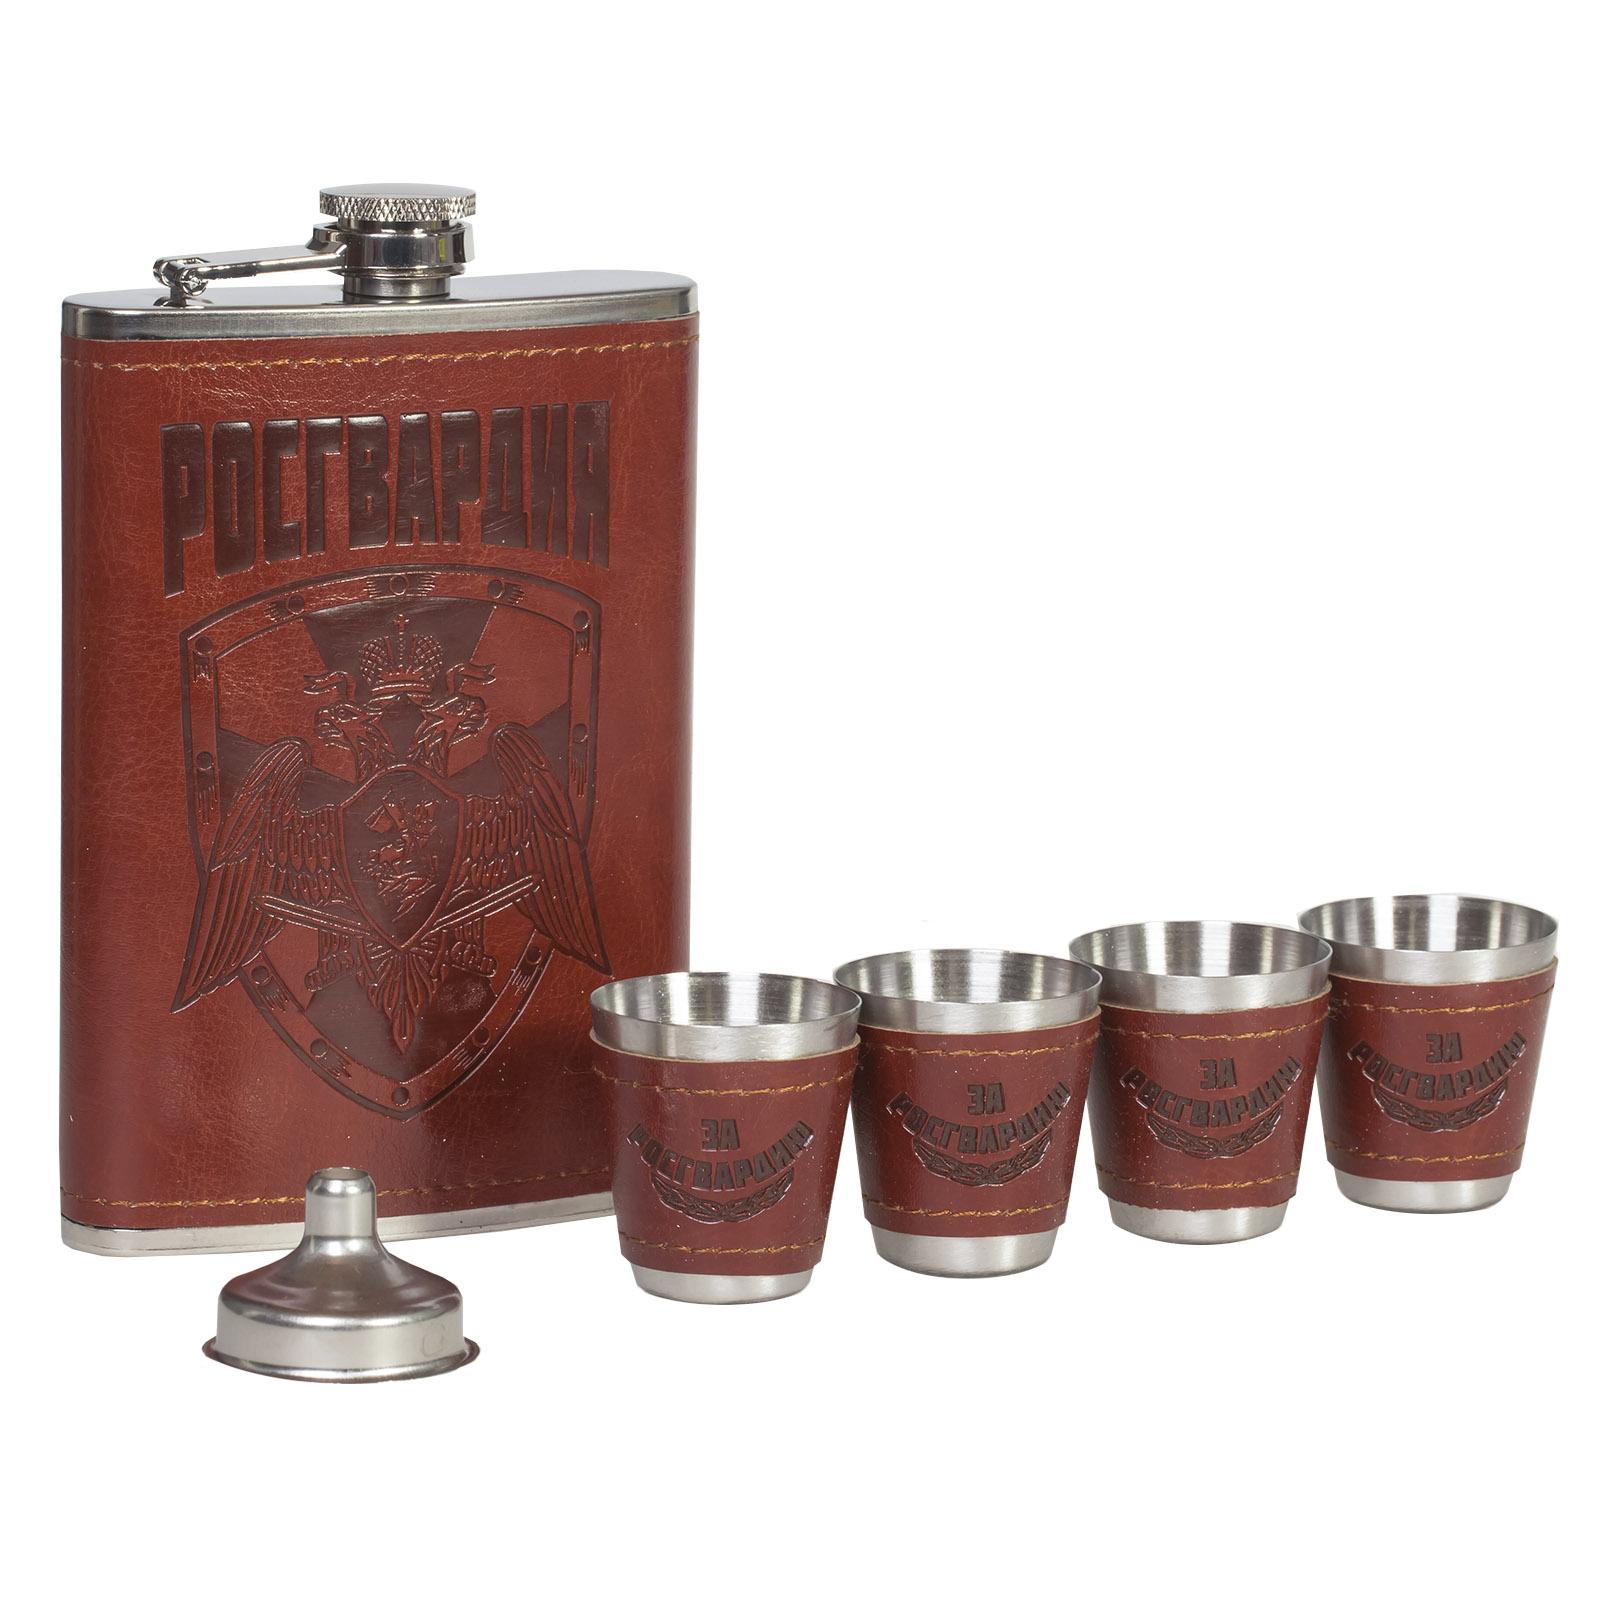 Подарочный набор для спиртного «Росгвардия» - фляга, воронки, стопки